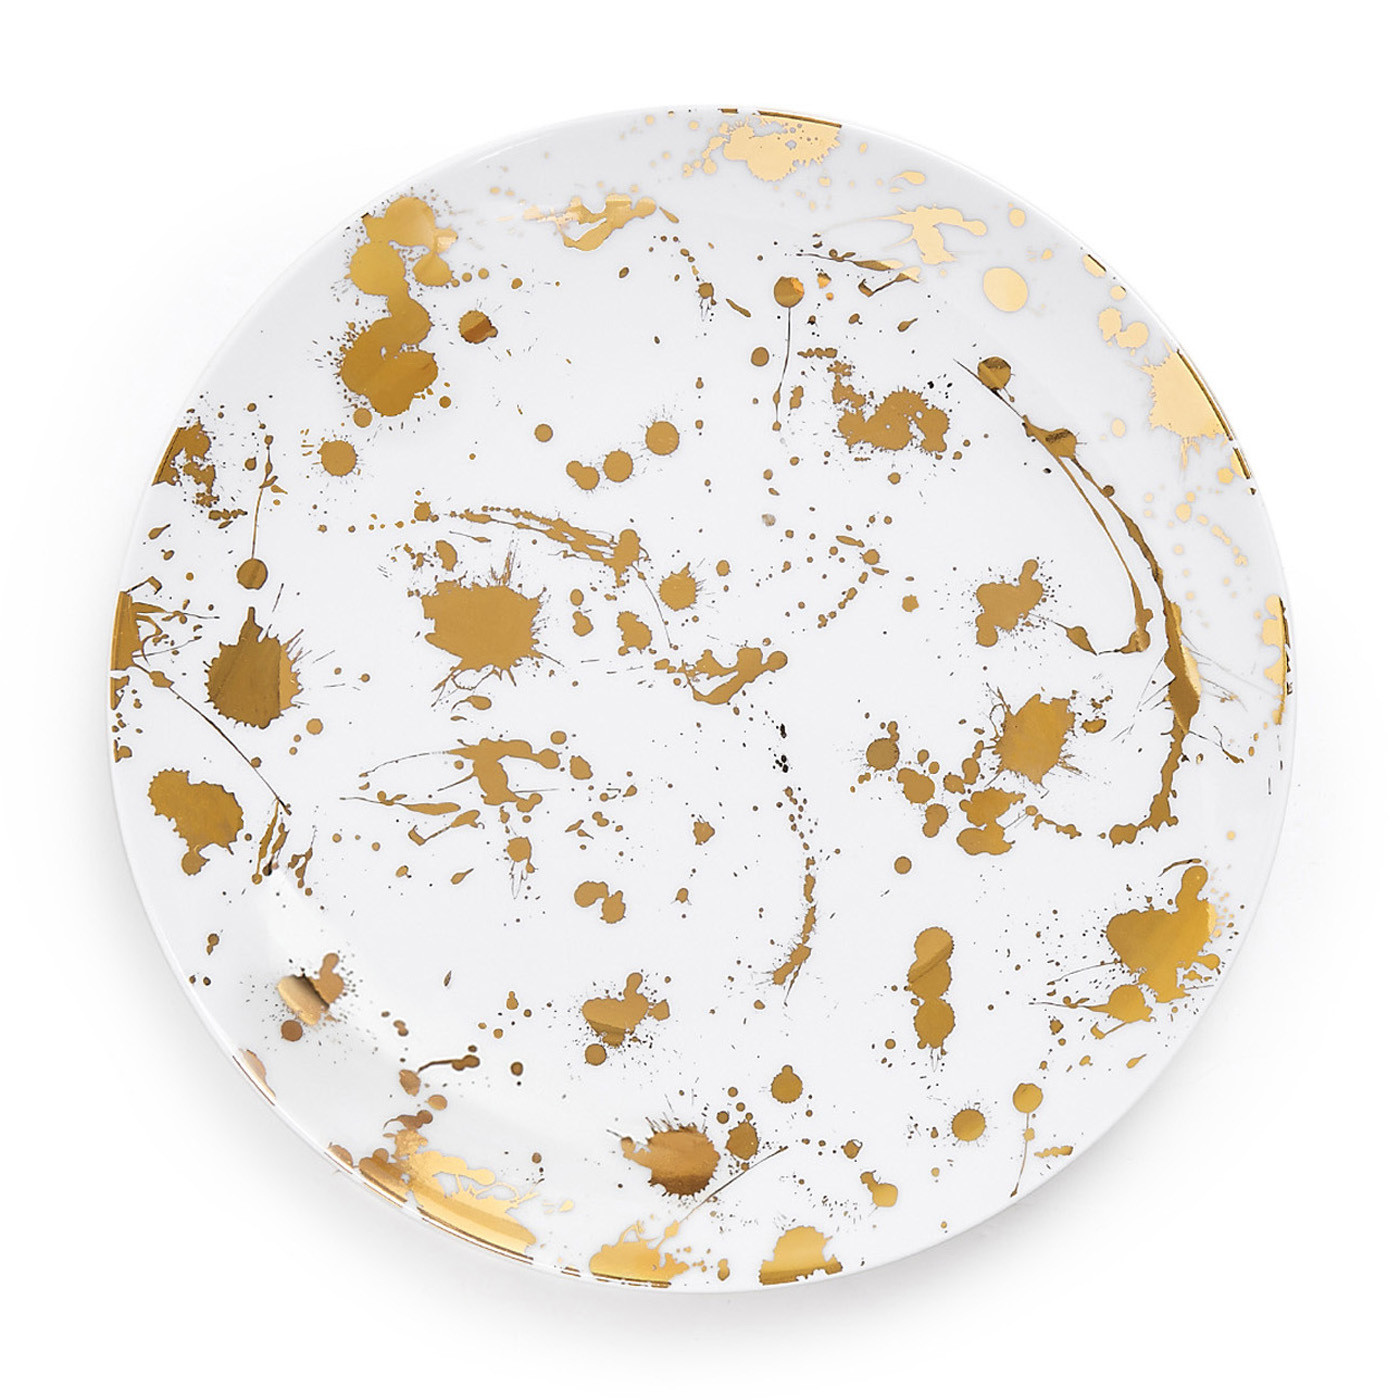 Jonathan Adler 1948 White and Gold Dinner Plate | Set of 8